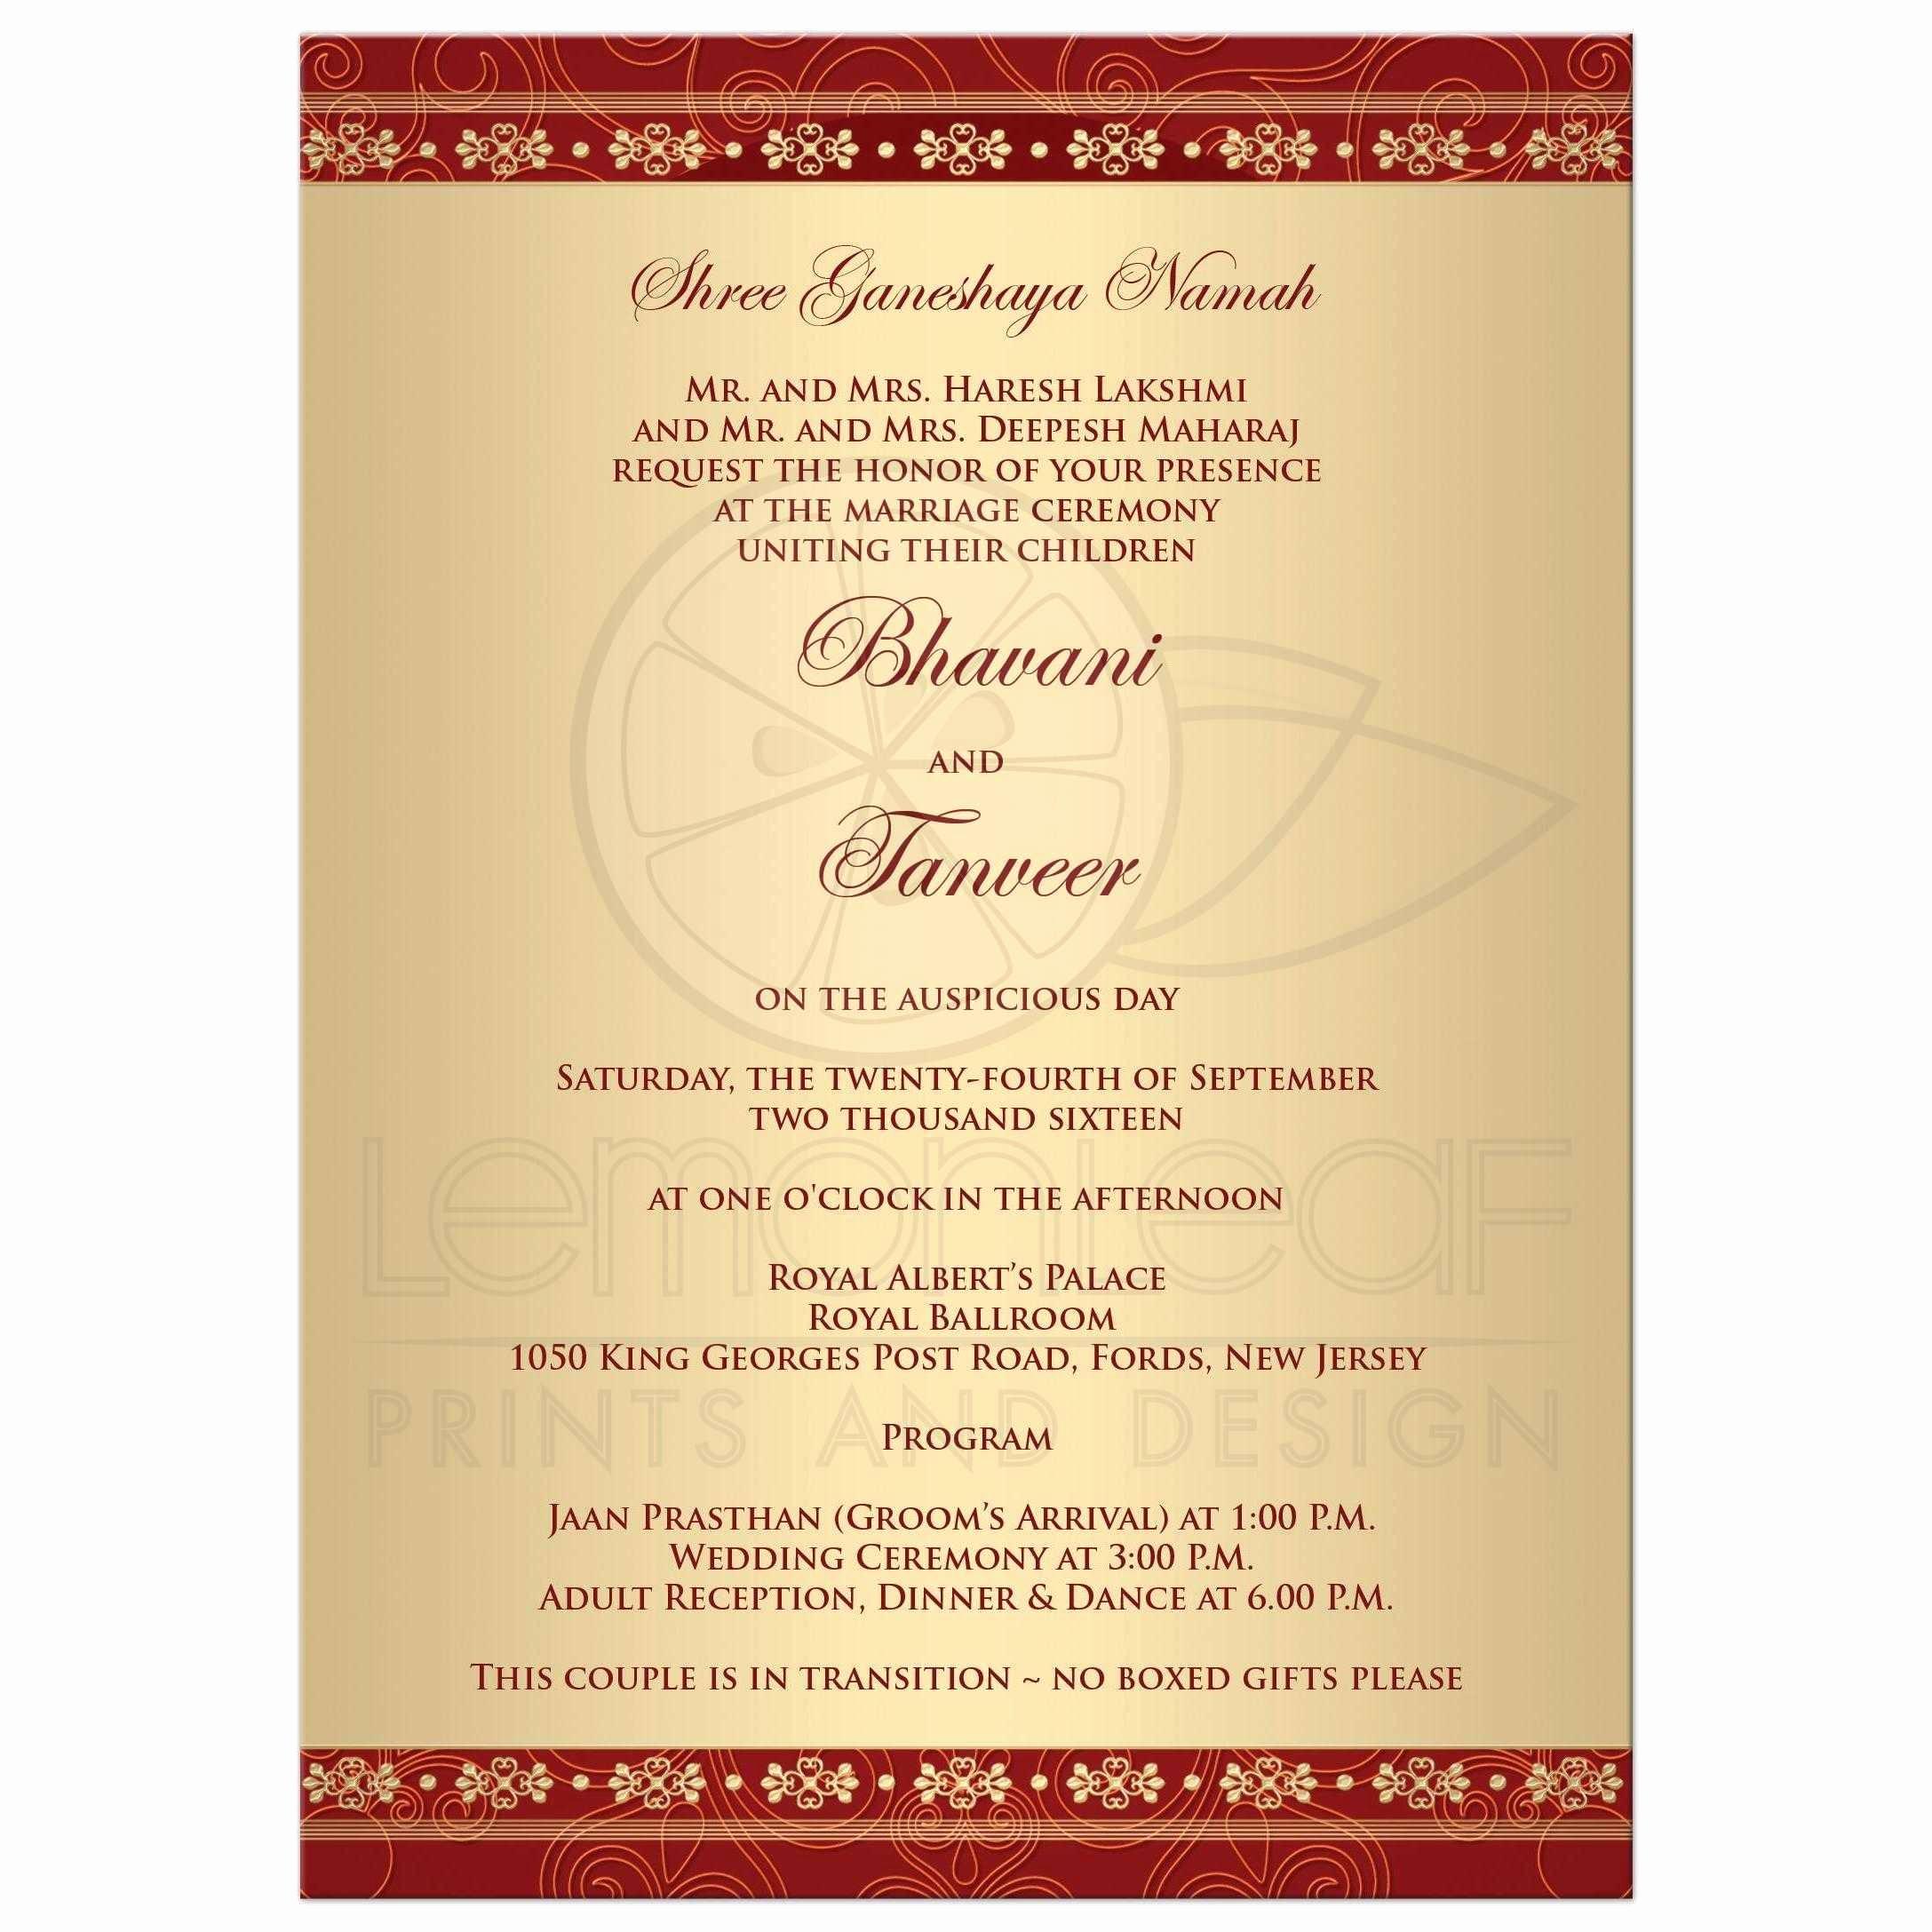 Invitation Card for Weddings Elegant Wedding Invitation Creative Wedding Invitation Wording